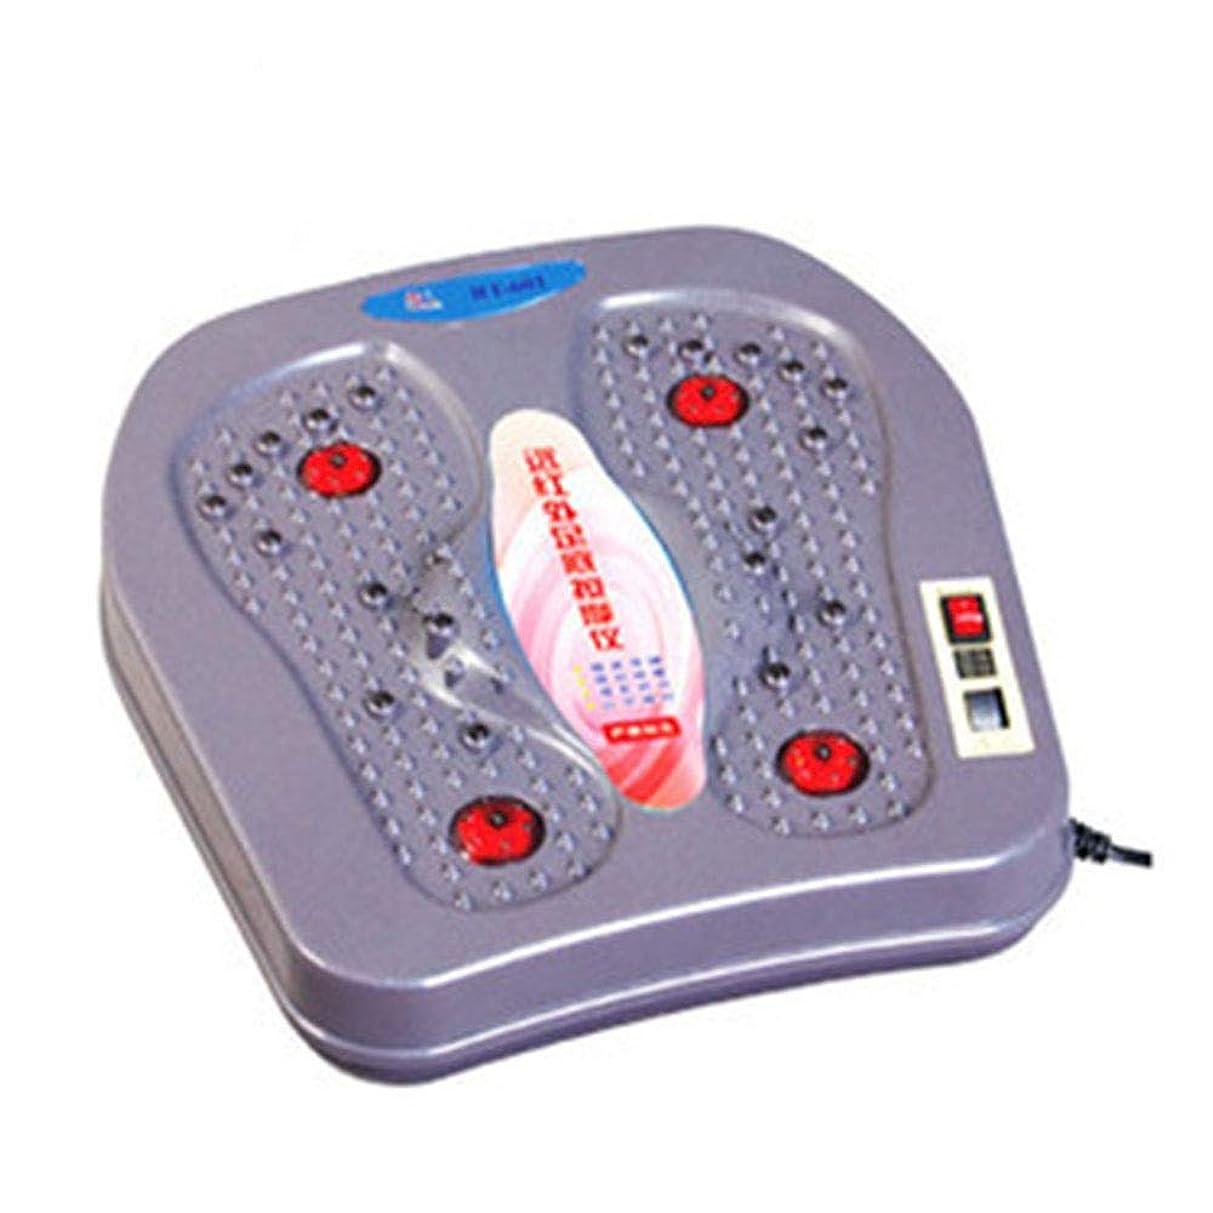 リビジョン憂鬱マニアック調整可能フル足マッサージの経験のための熱指圧の足のマッサージ機械が付いている足のマッサージャーは、疲れて痛む足を緩めます リラックス